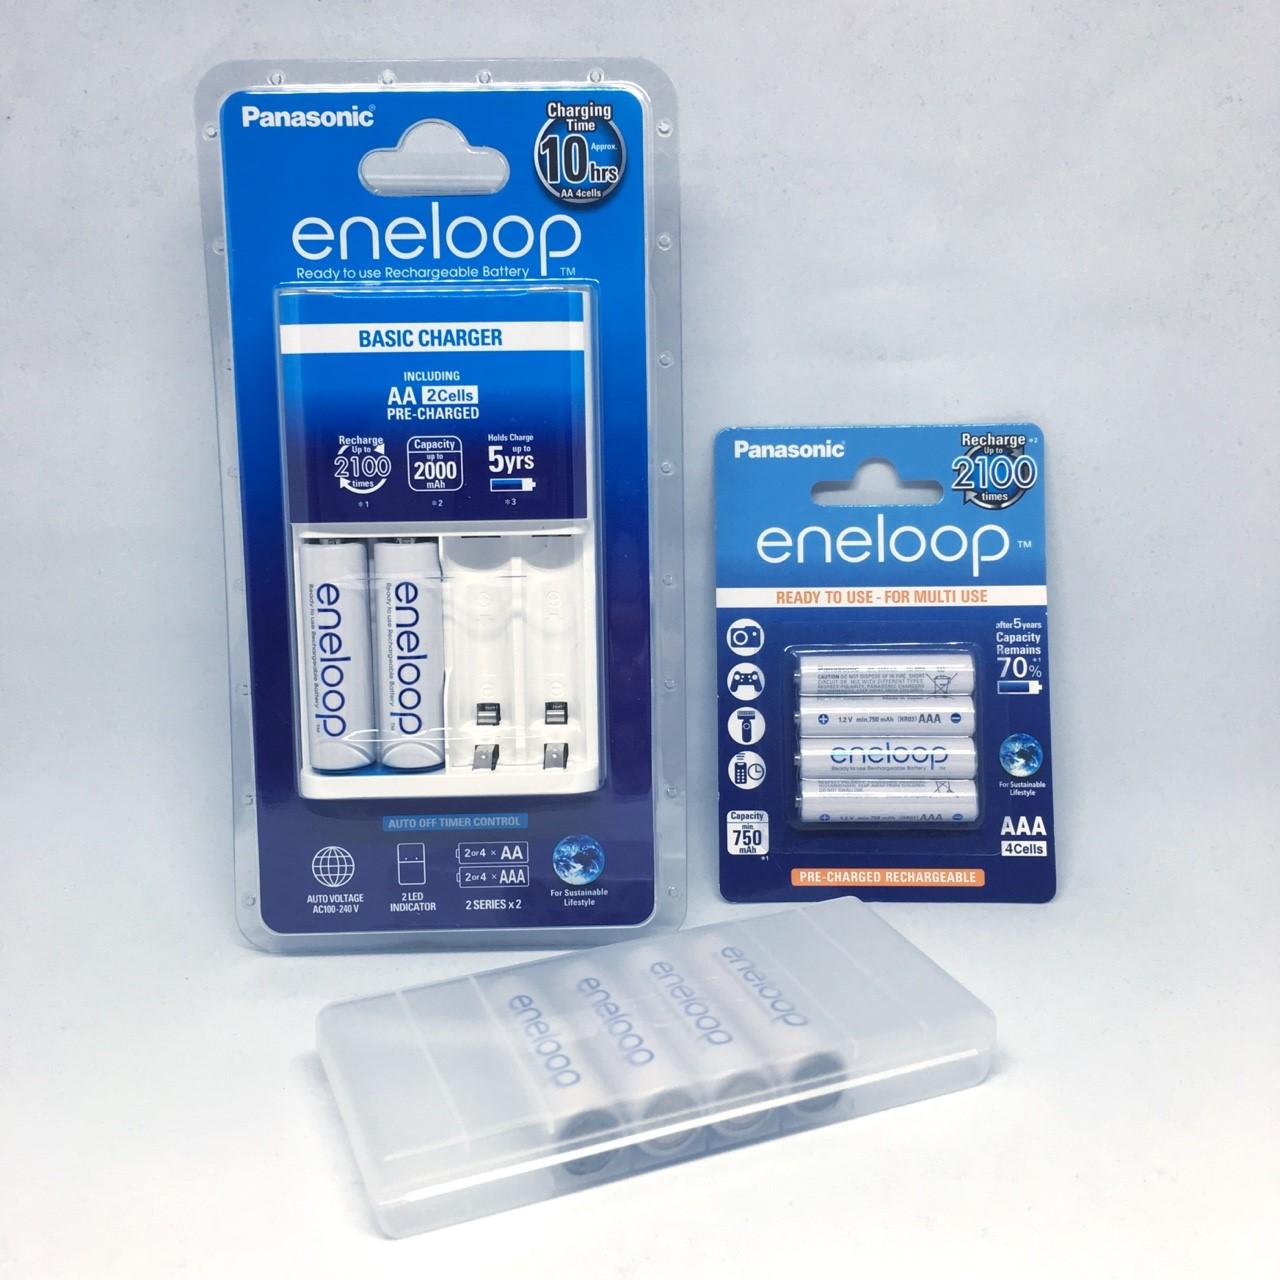 ชุดชาร์จ Panasonic Eneloop Eco พร้อมถ่าน AA 2 ก้อน / AAA 4 ก้อน แถม box 8 pcs